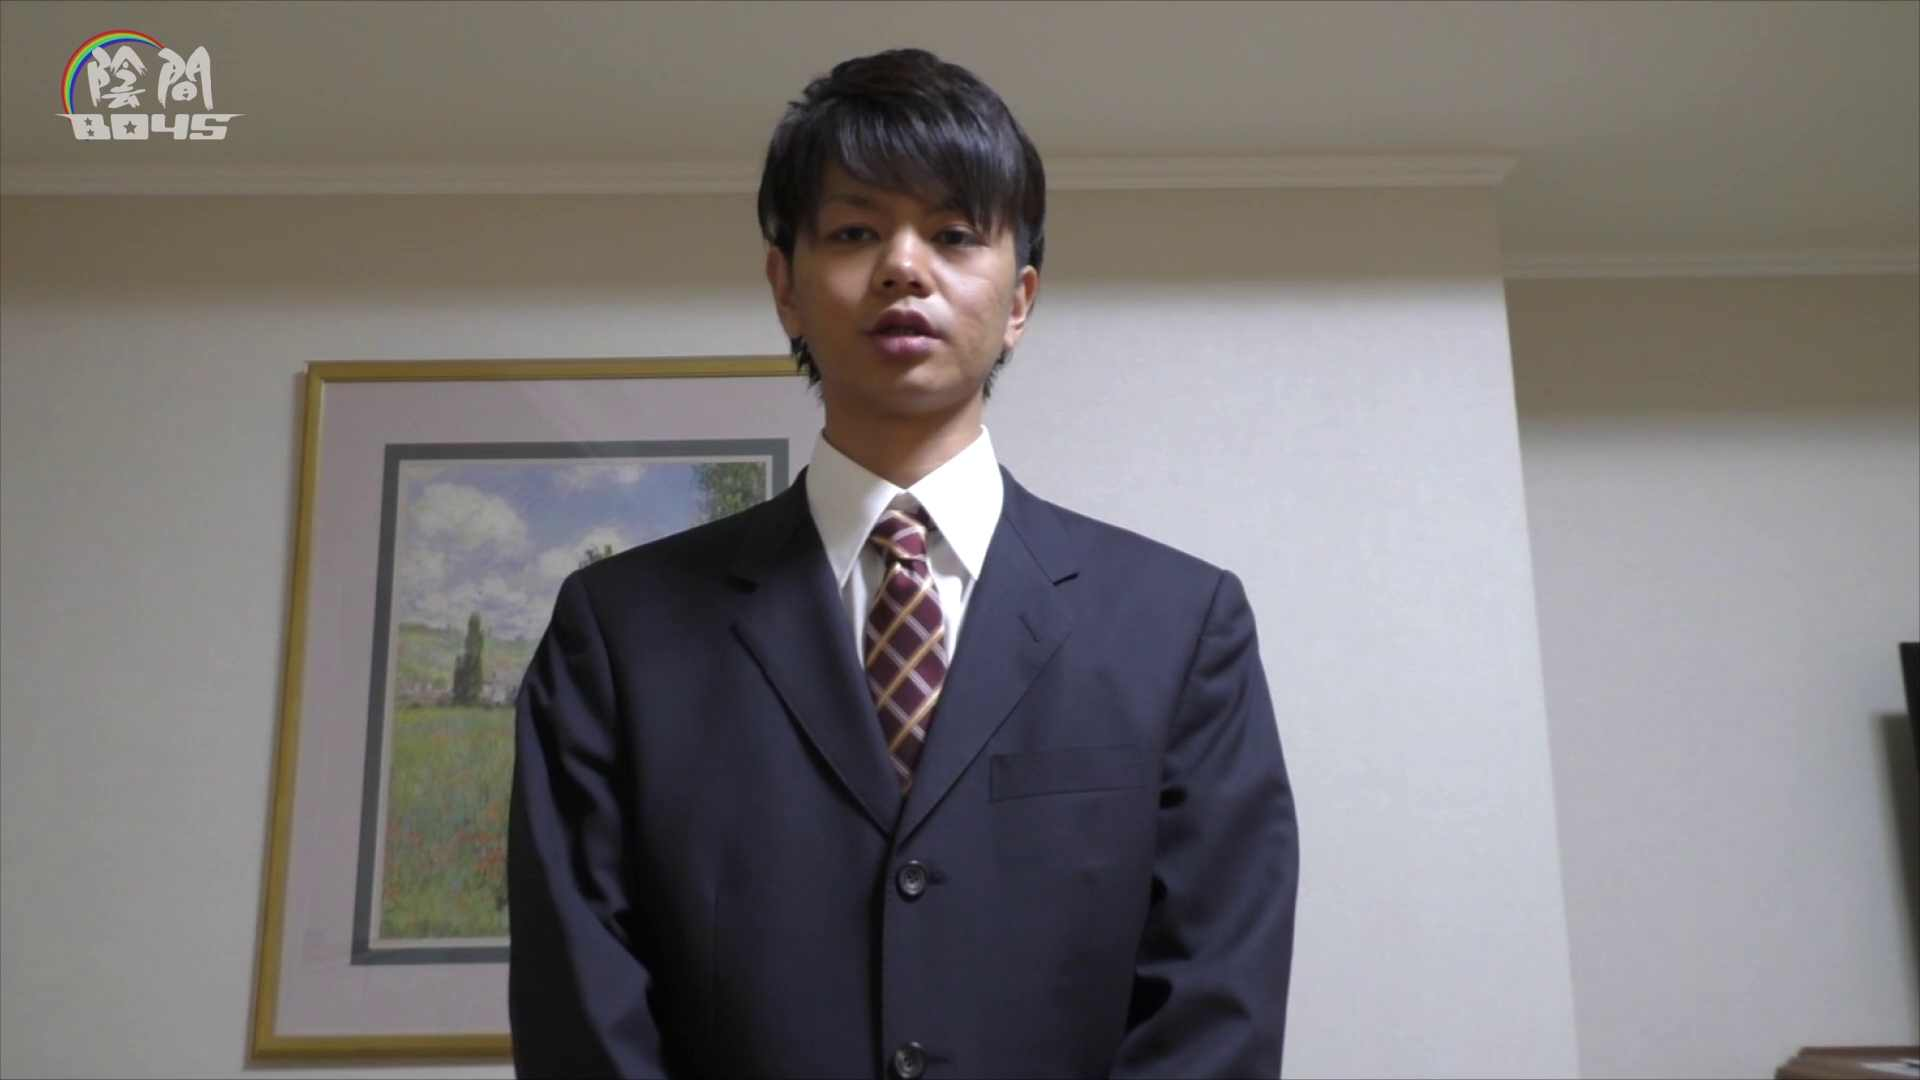 陰間BOYS~キャバクラの仕事はアナルから4 Vol.01 アナル ゲイザーメン画像 82枚 6